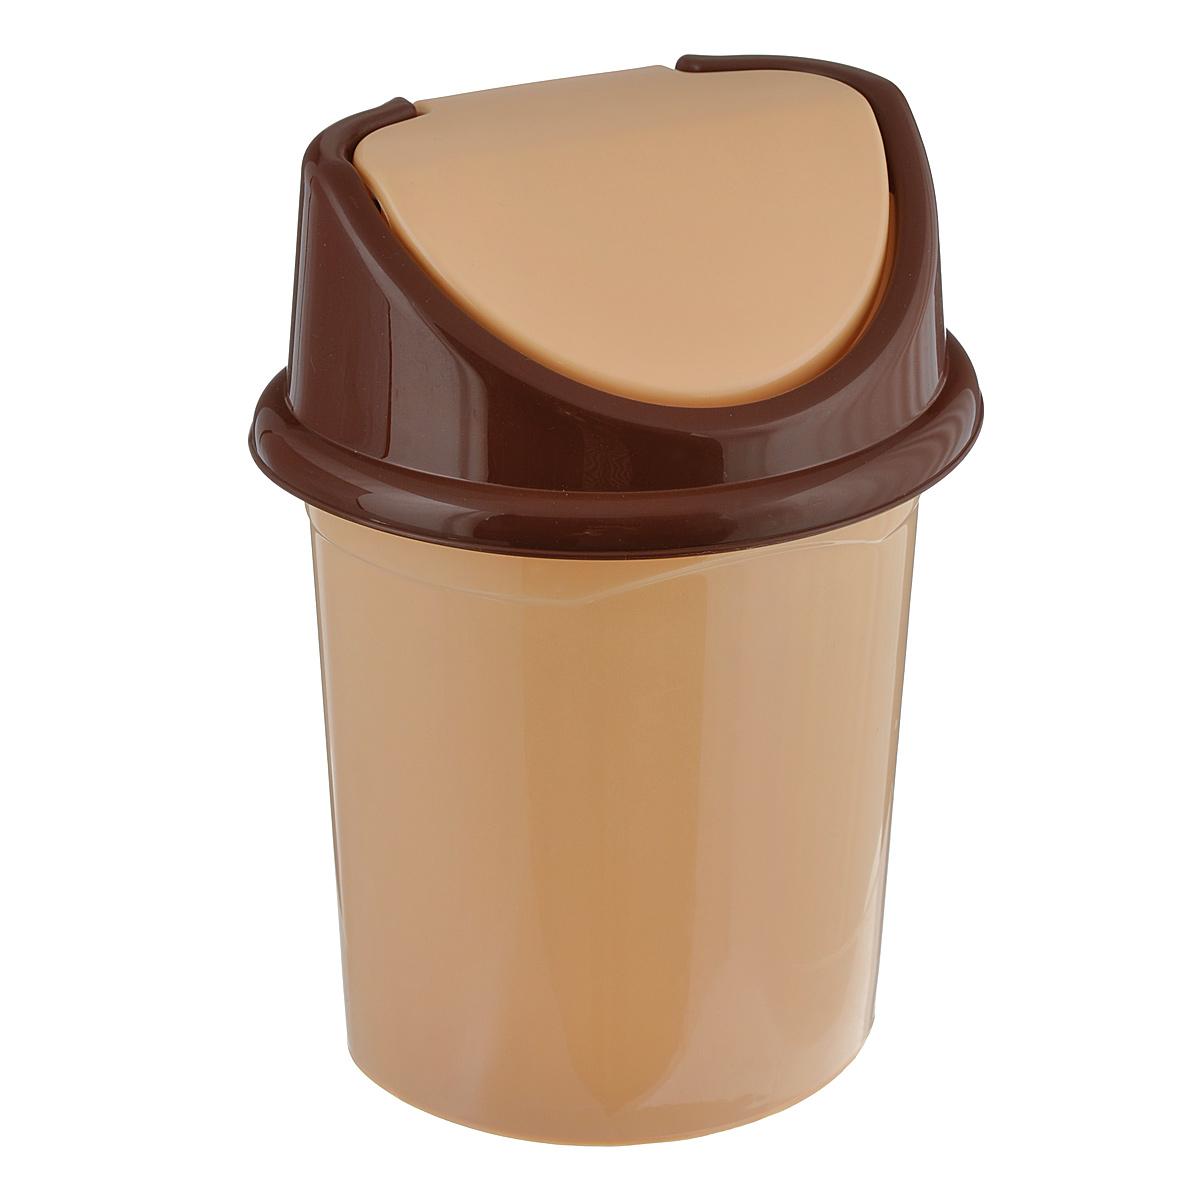 Контейнер для мусора Violet, цвет: бежевый, коричневый, 8 л